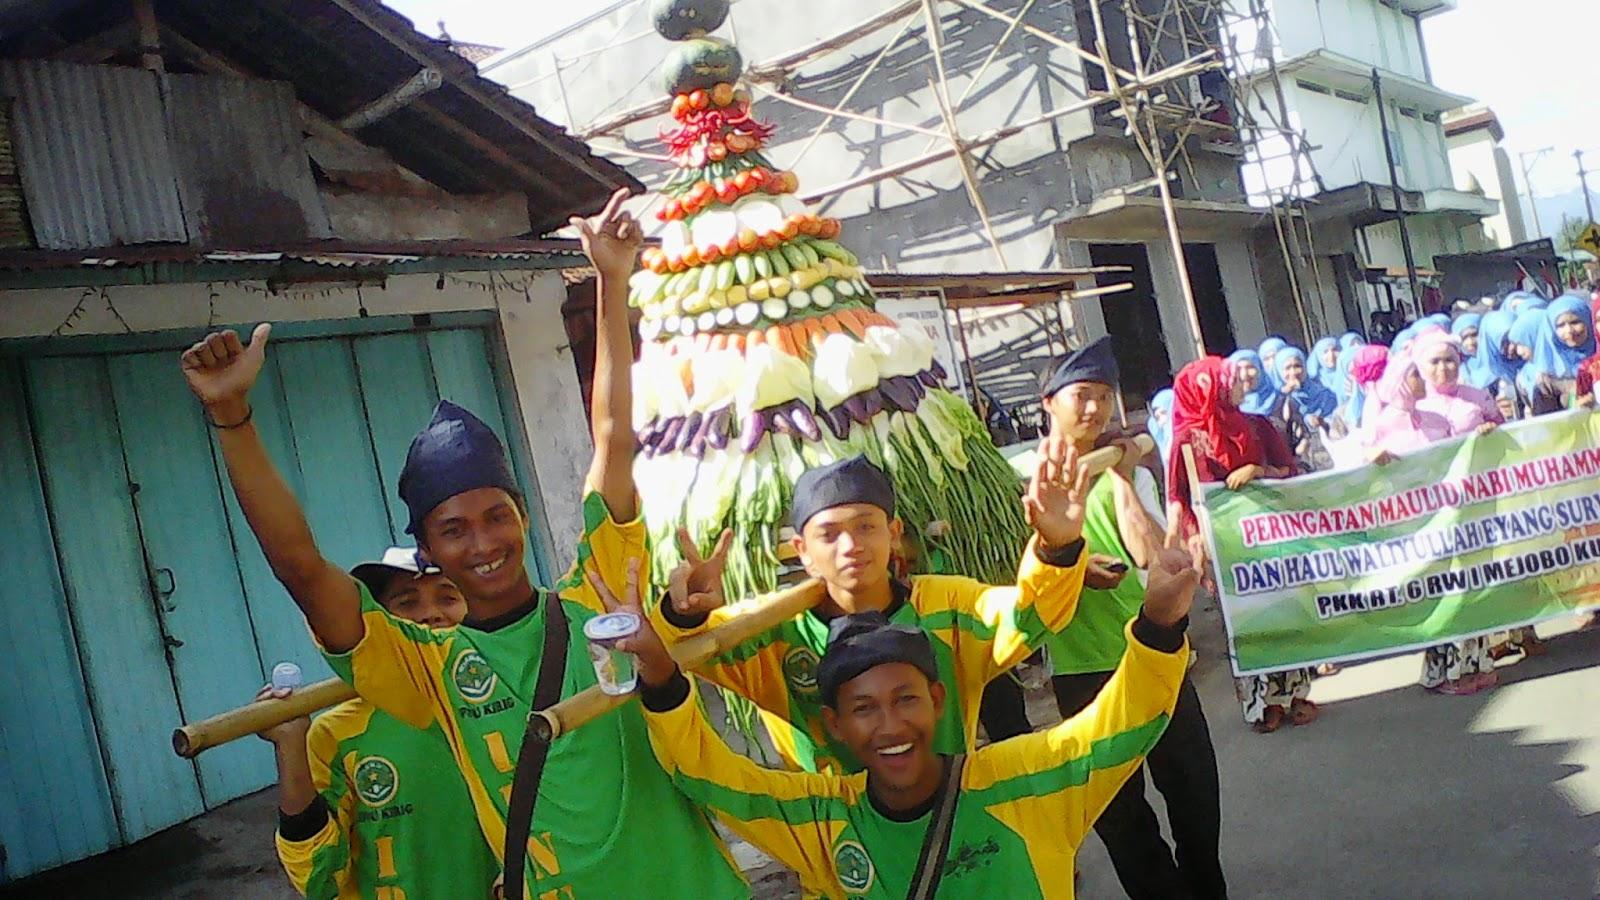 IPNU-IPPNU Ranting Kirig Ikut Serta Kirab Budaya dalam Rangka Haul Mbah Eyang Suryo Kusumo